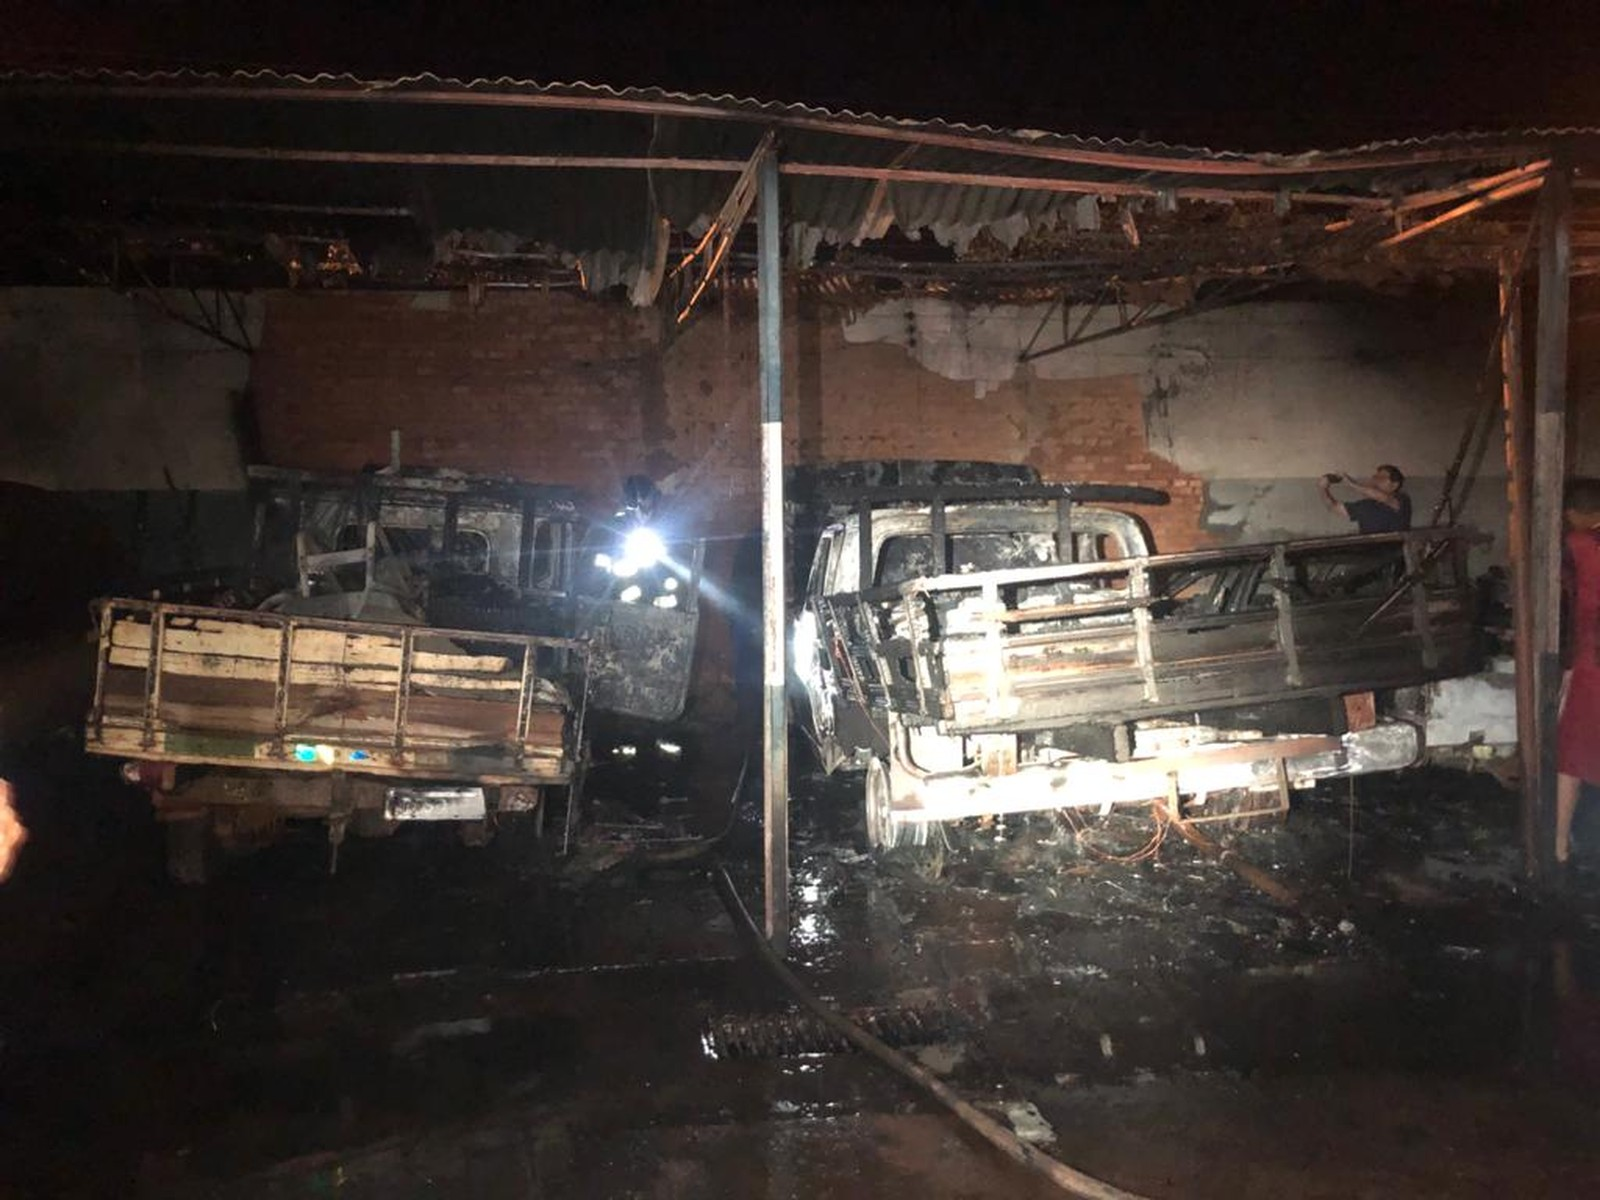 Fogo atinge almoxarifado da prefeitura e danifica veículos em Palmital — Foto: Corpo de Bombeiros/Divulgação